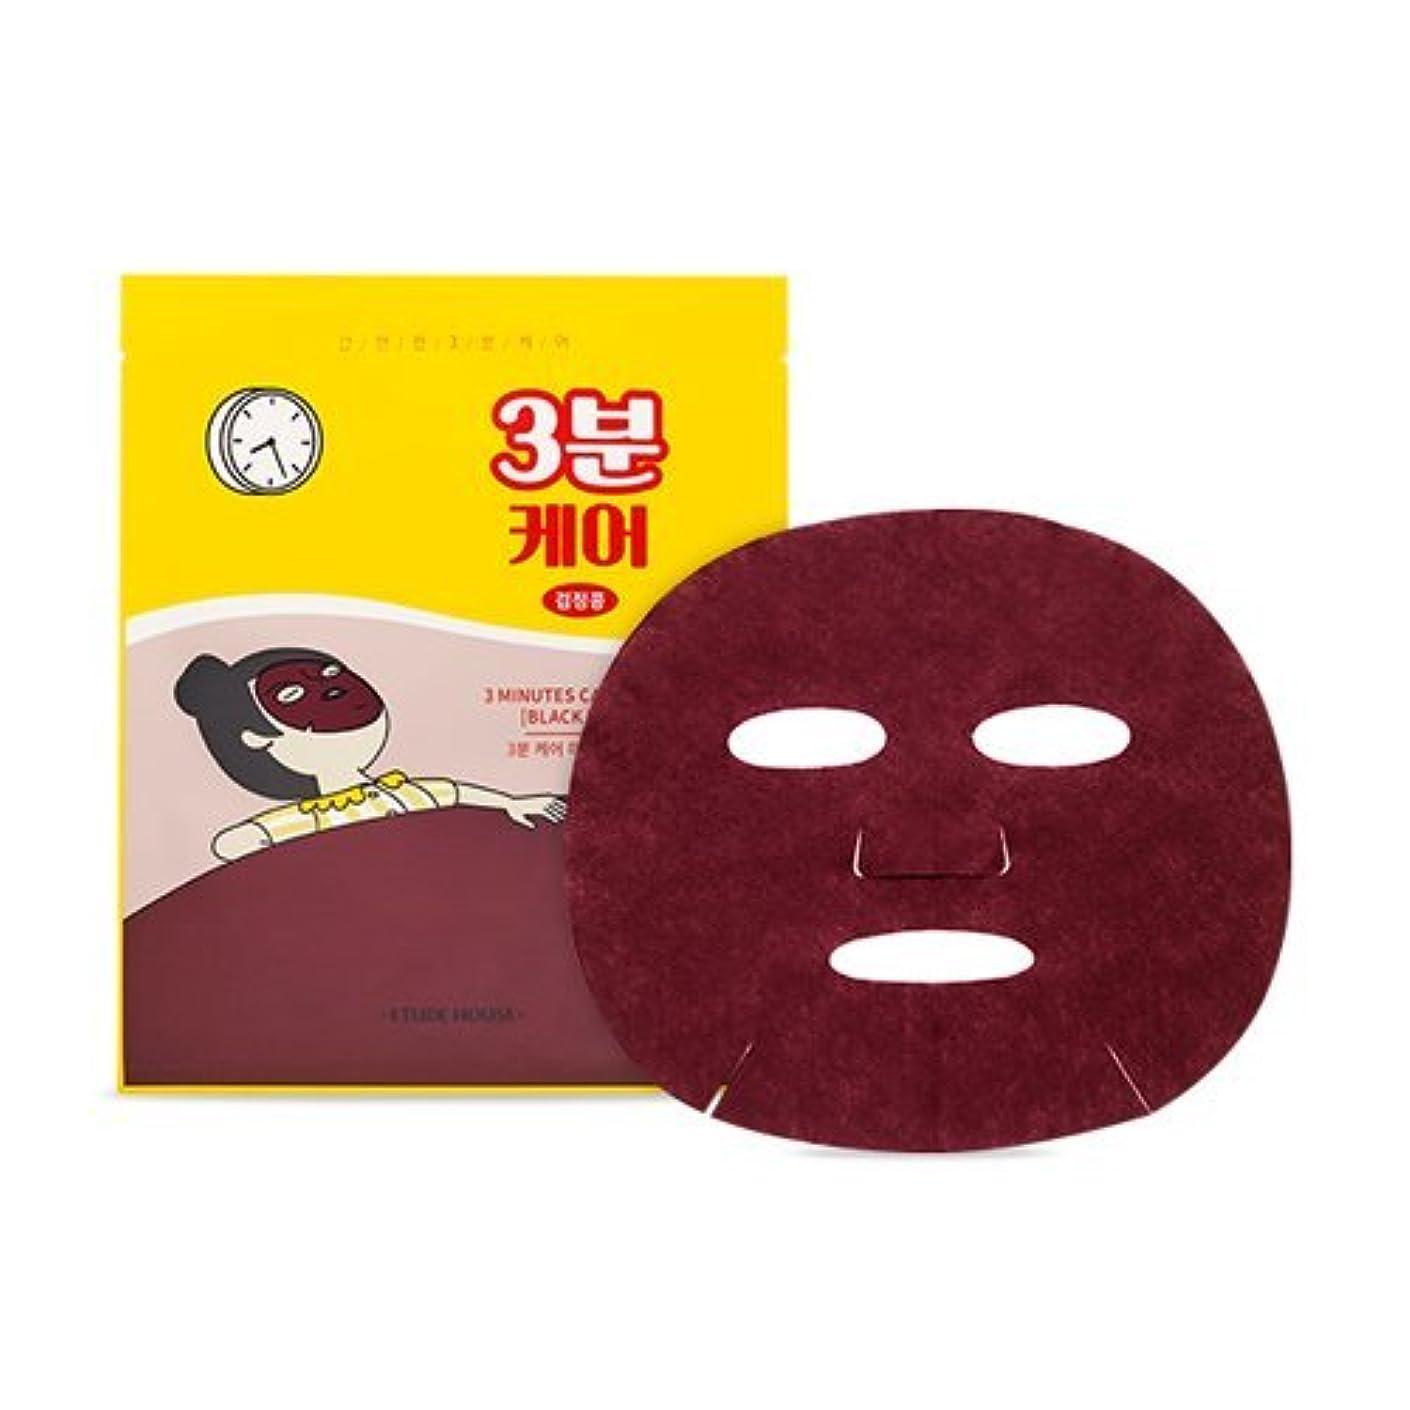 劇場柱期限切れエチュードハウス 3分ケア マスク[ ブラックビーン ] 5枚/ETUDE HOUSE 3 Minutes Care Mask [BLACK BEAN] 23g*5EA